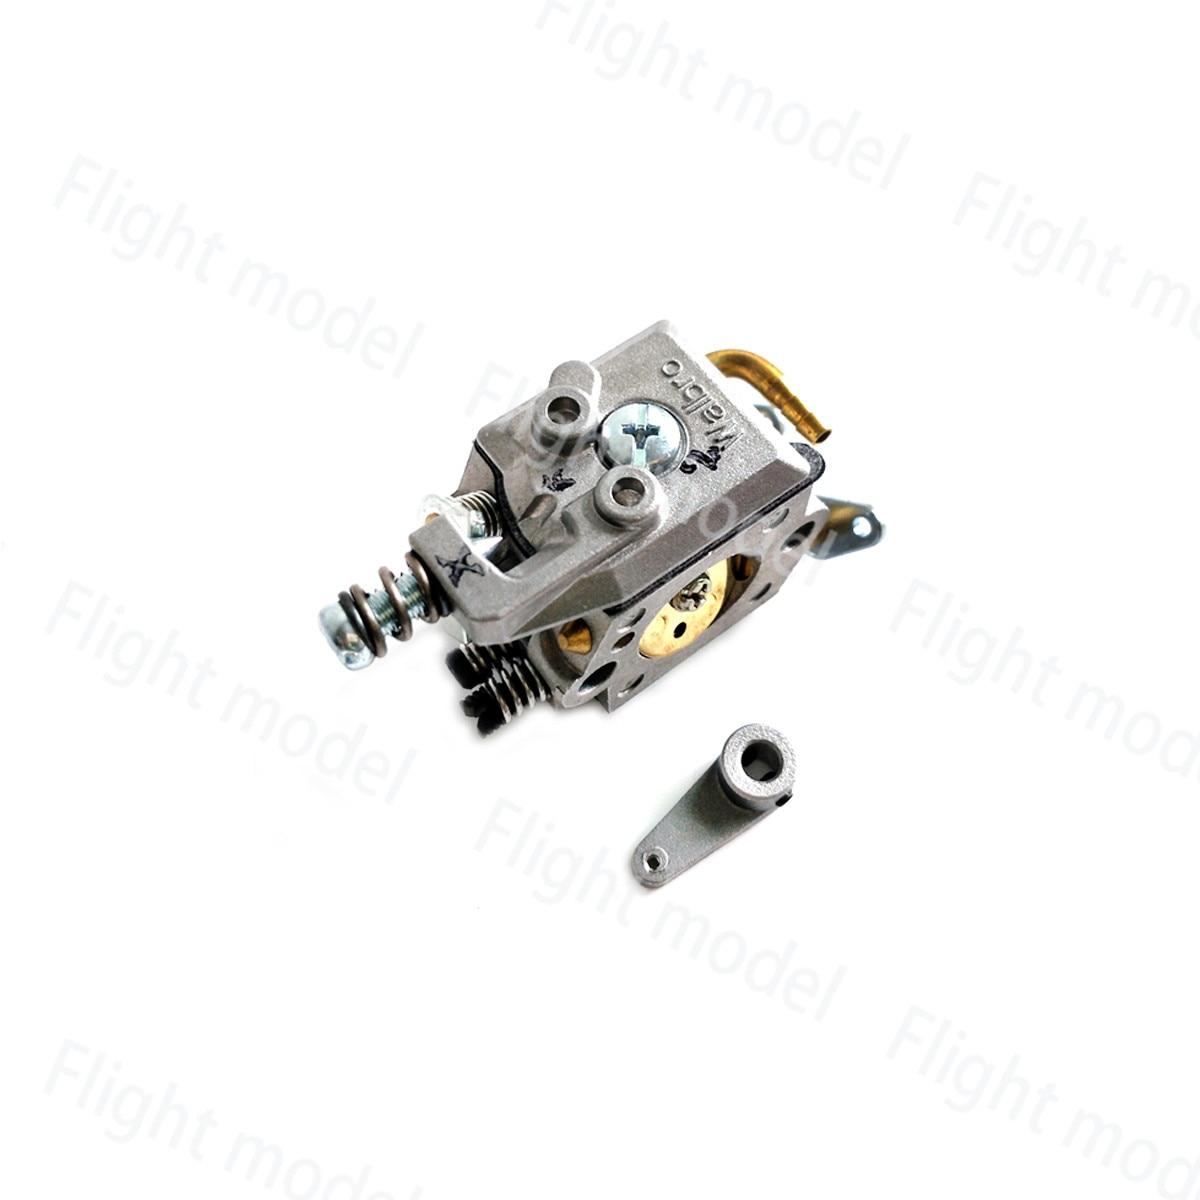 100% Original 1 Pc carburateur Walbro Carb pour DLE20RA moteur RC modèle avion Drone moteur accessoires